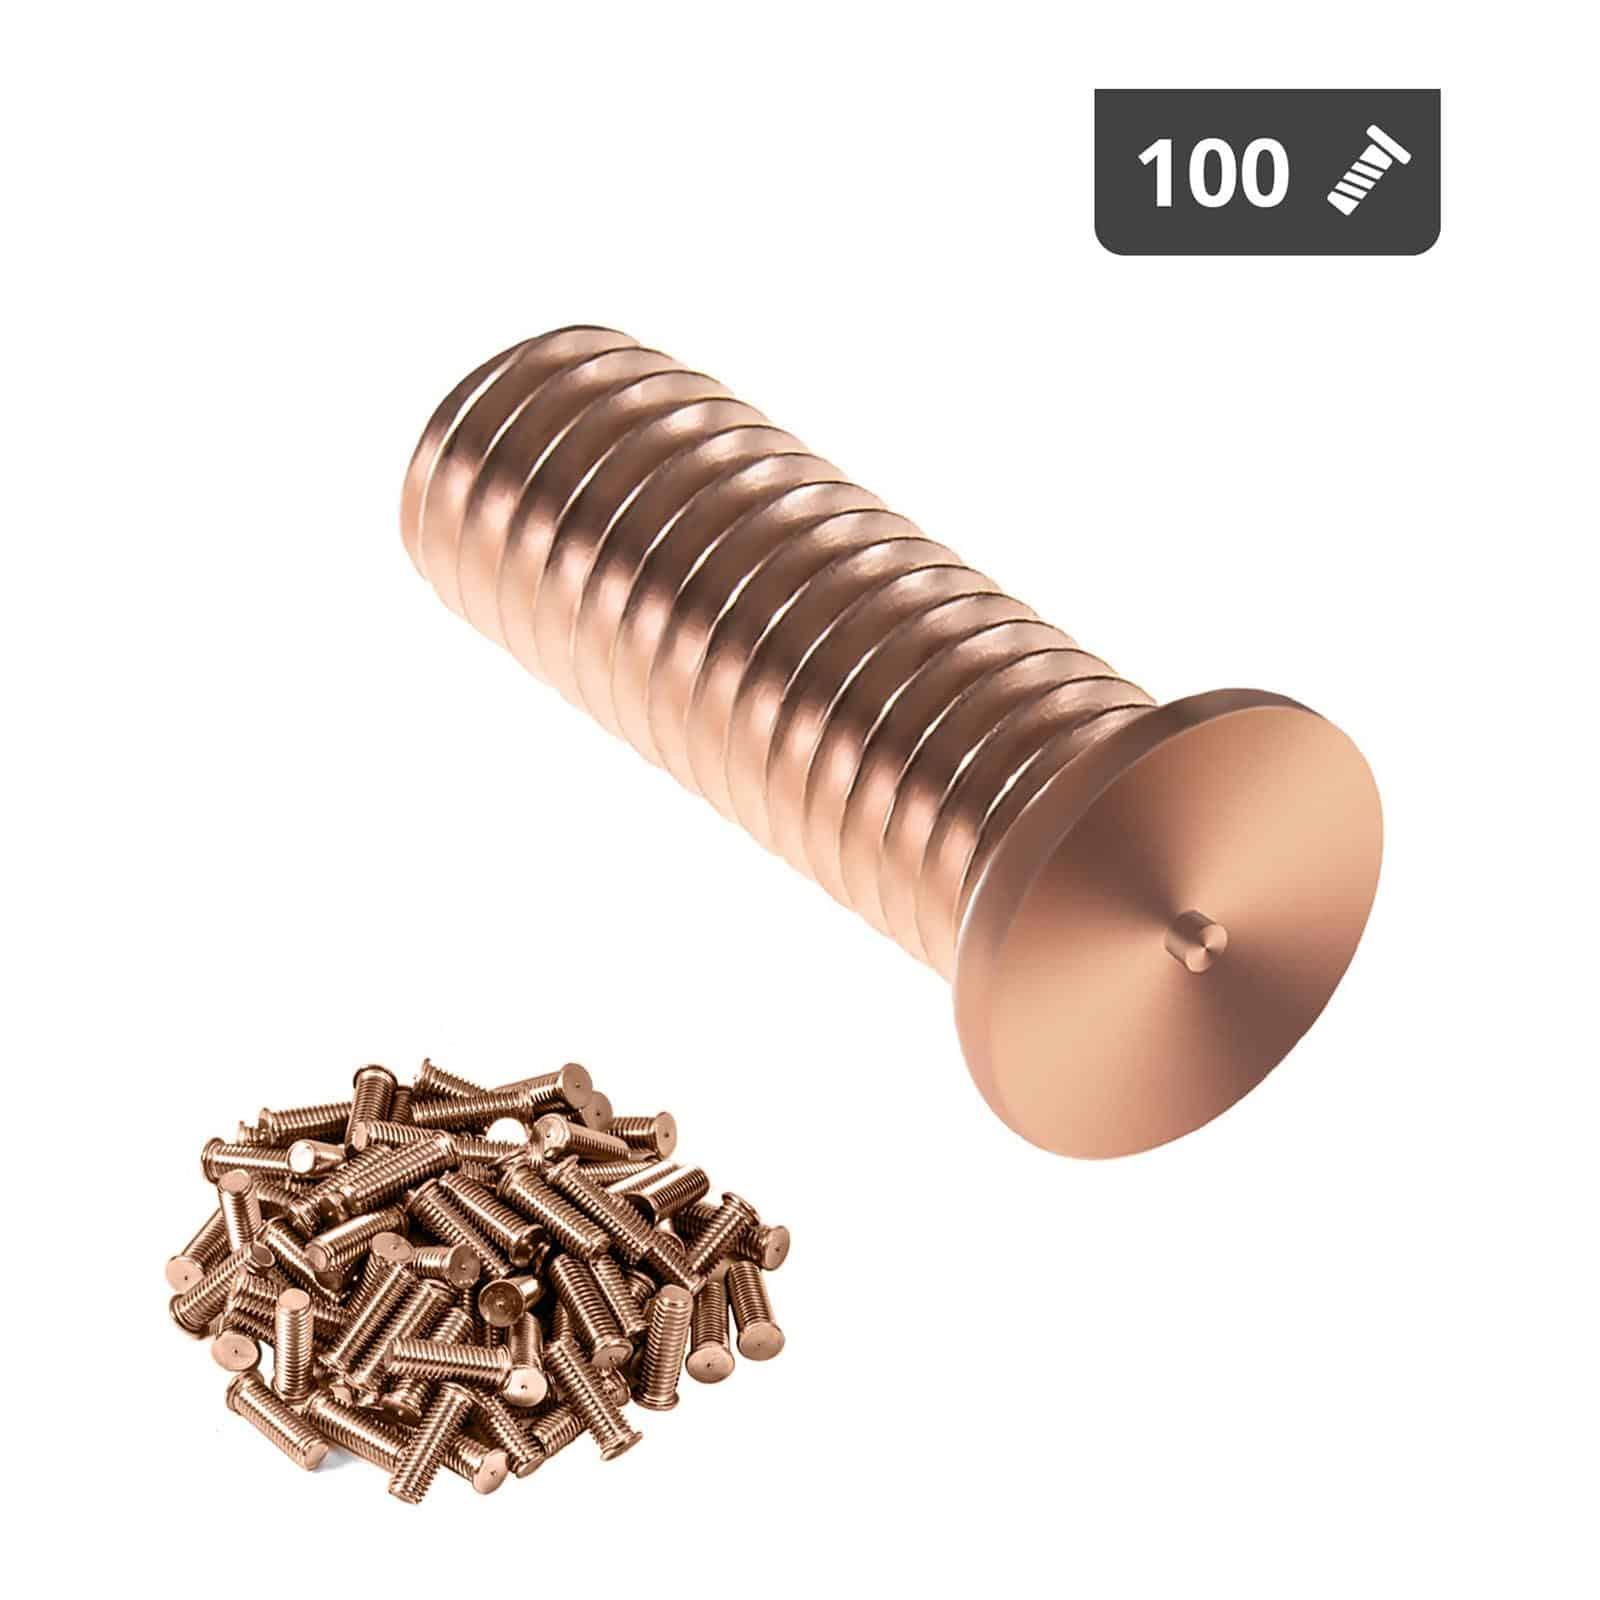 Kołki do zgrzewania - M3 - 10 mm - 100 sztuk